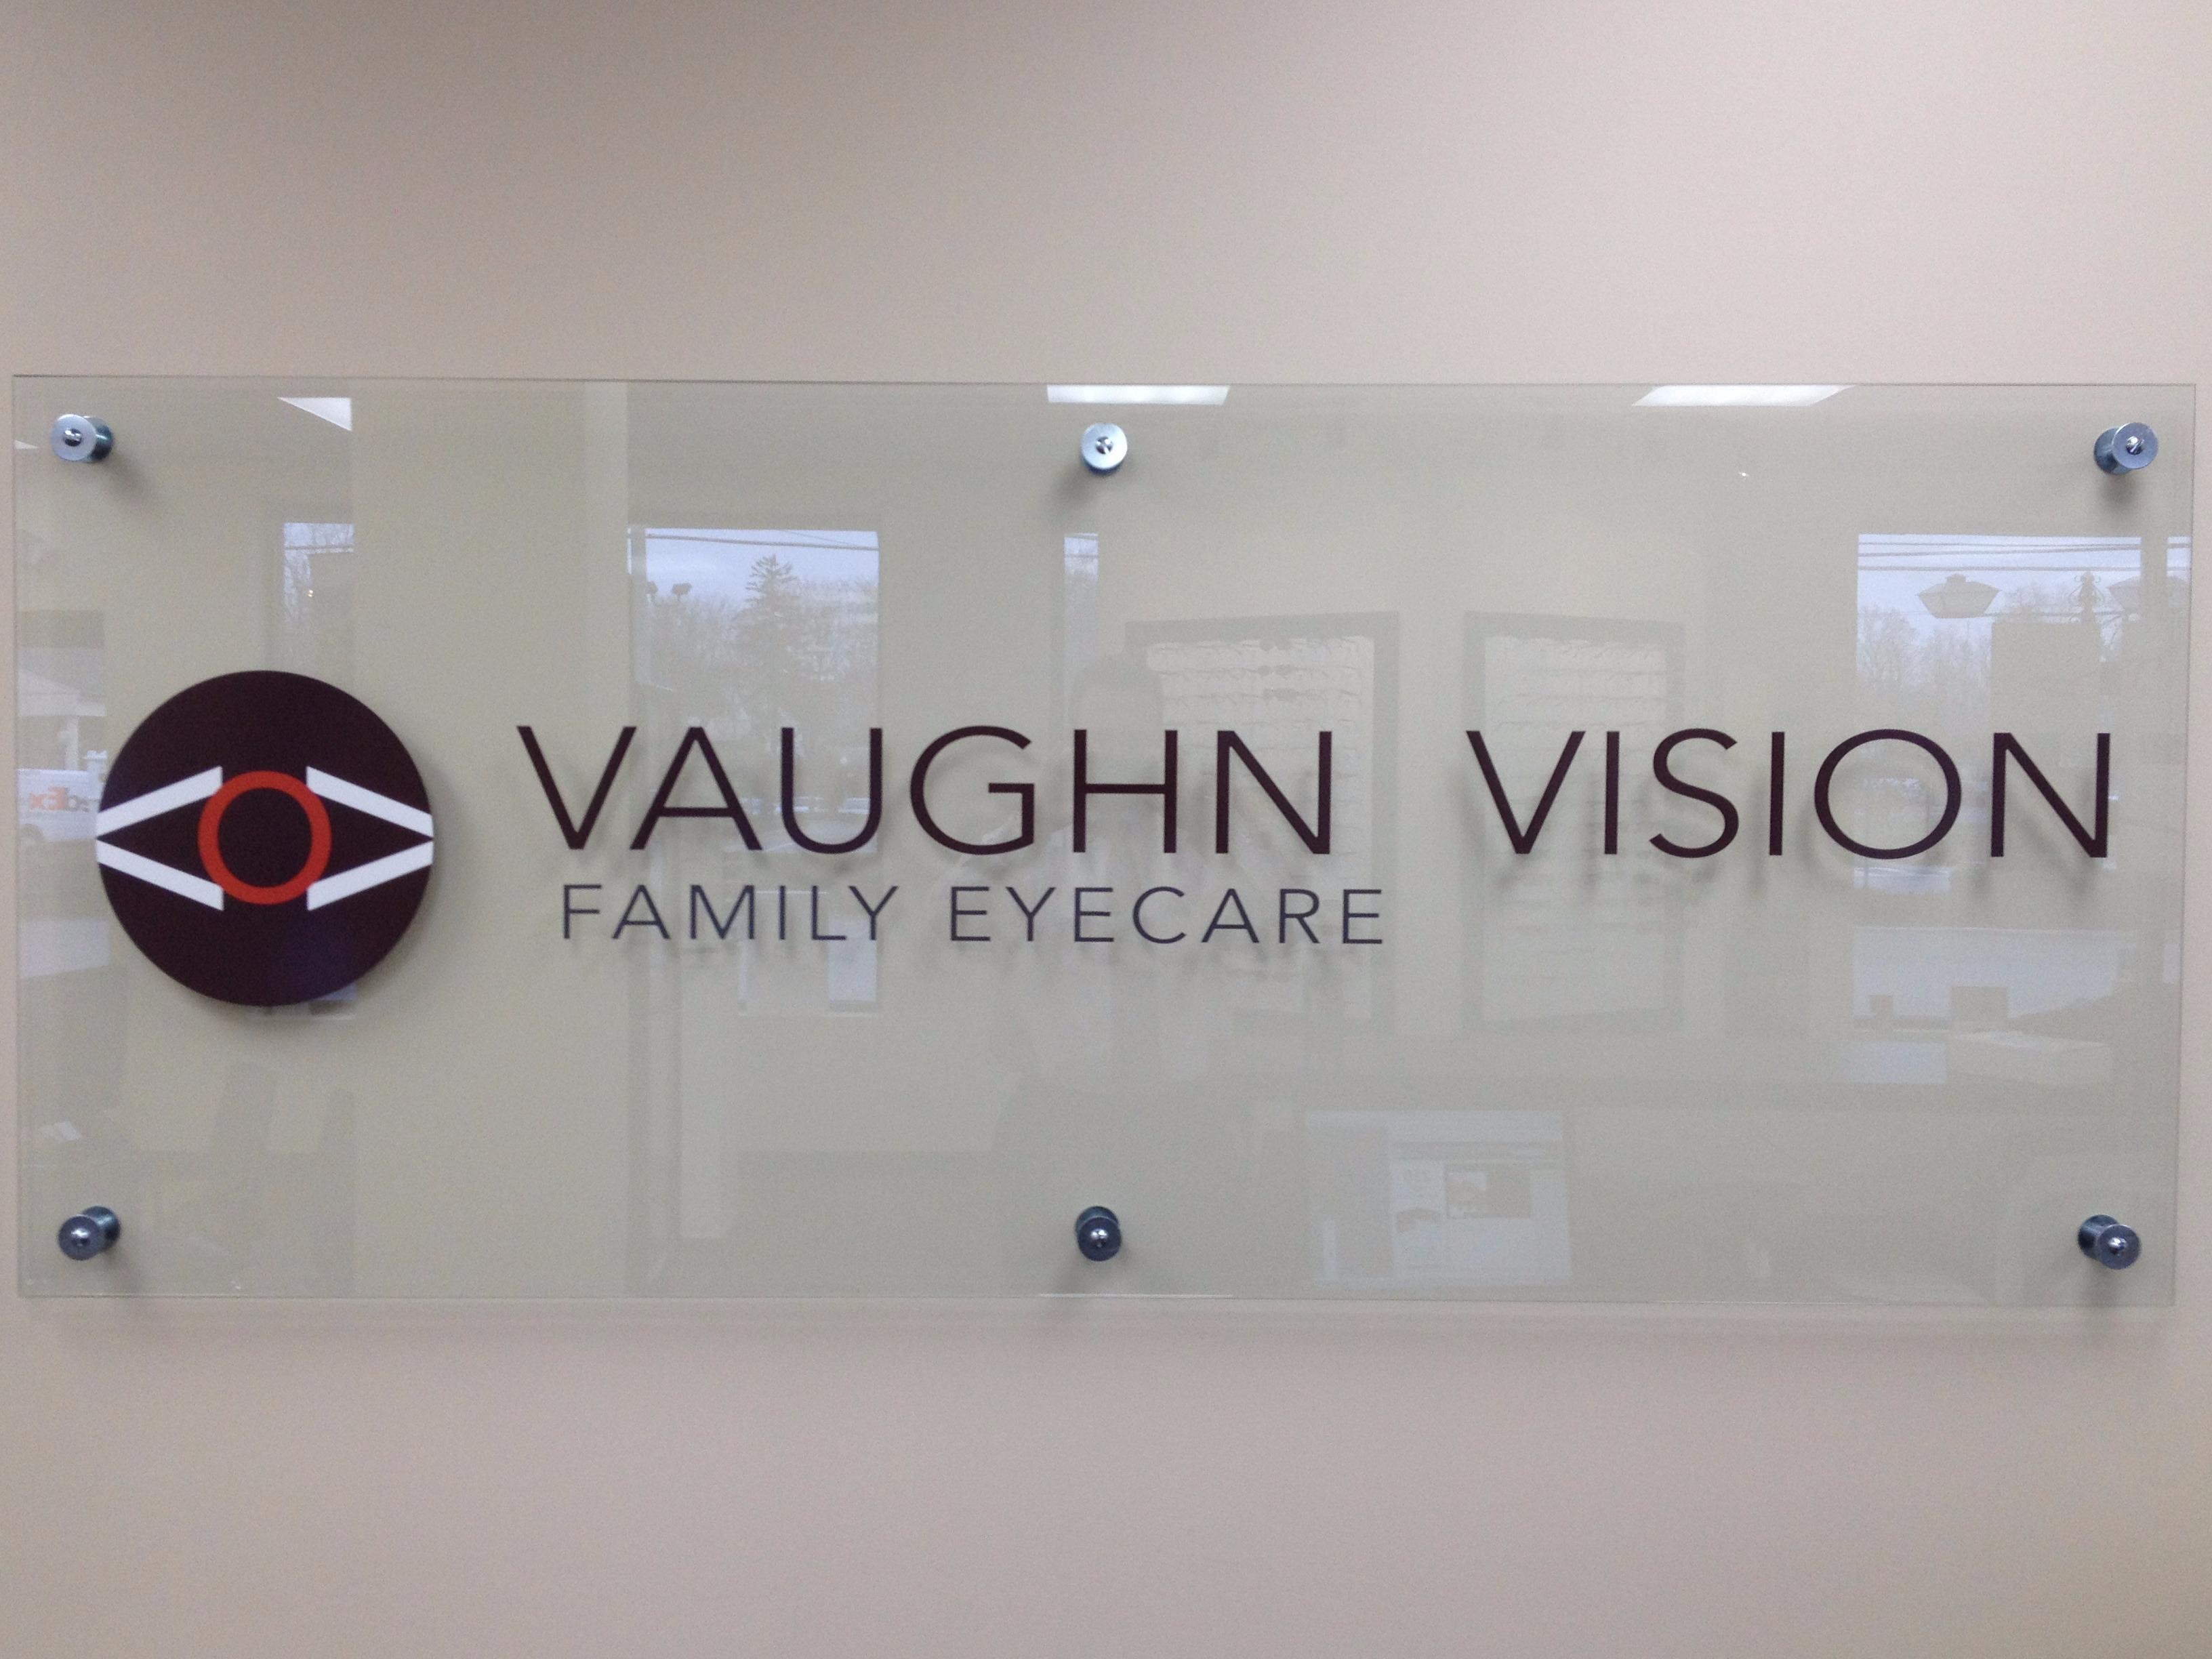 Vaughn Vision image 3